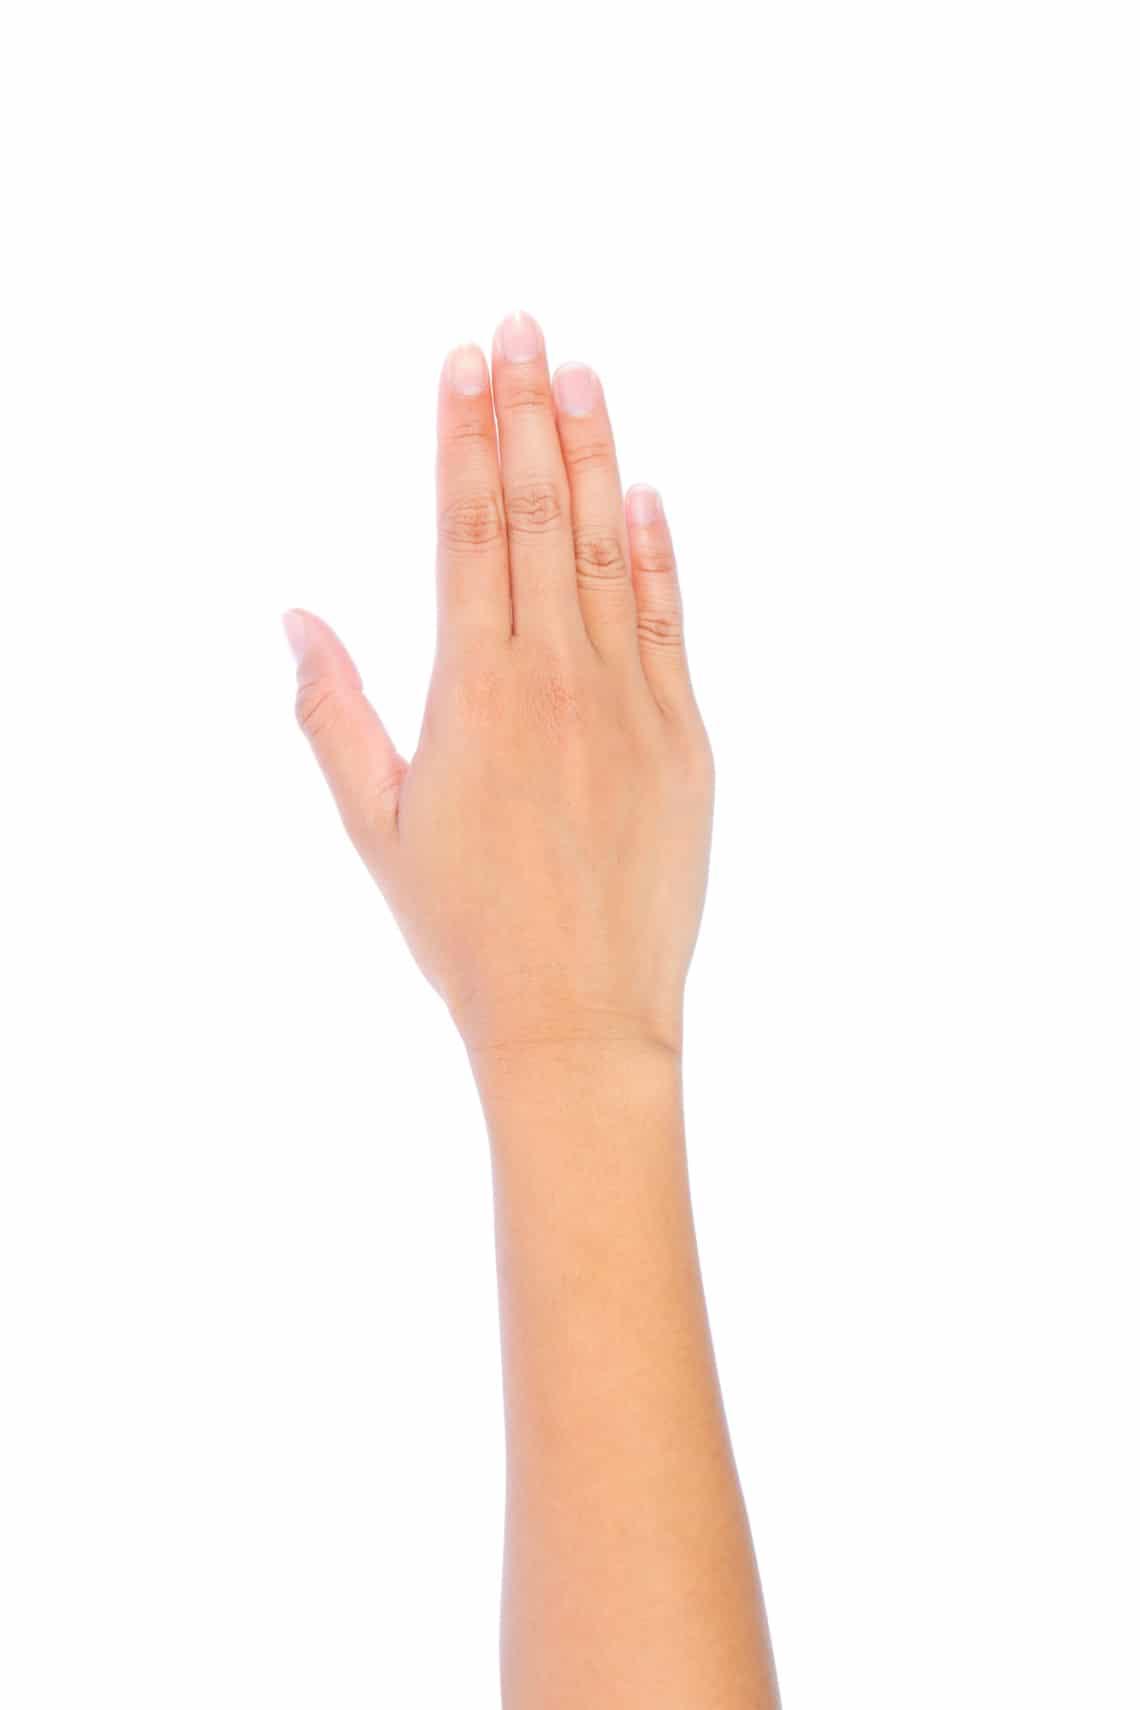 A vízcsepp kéz